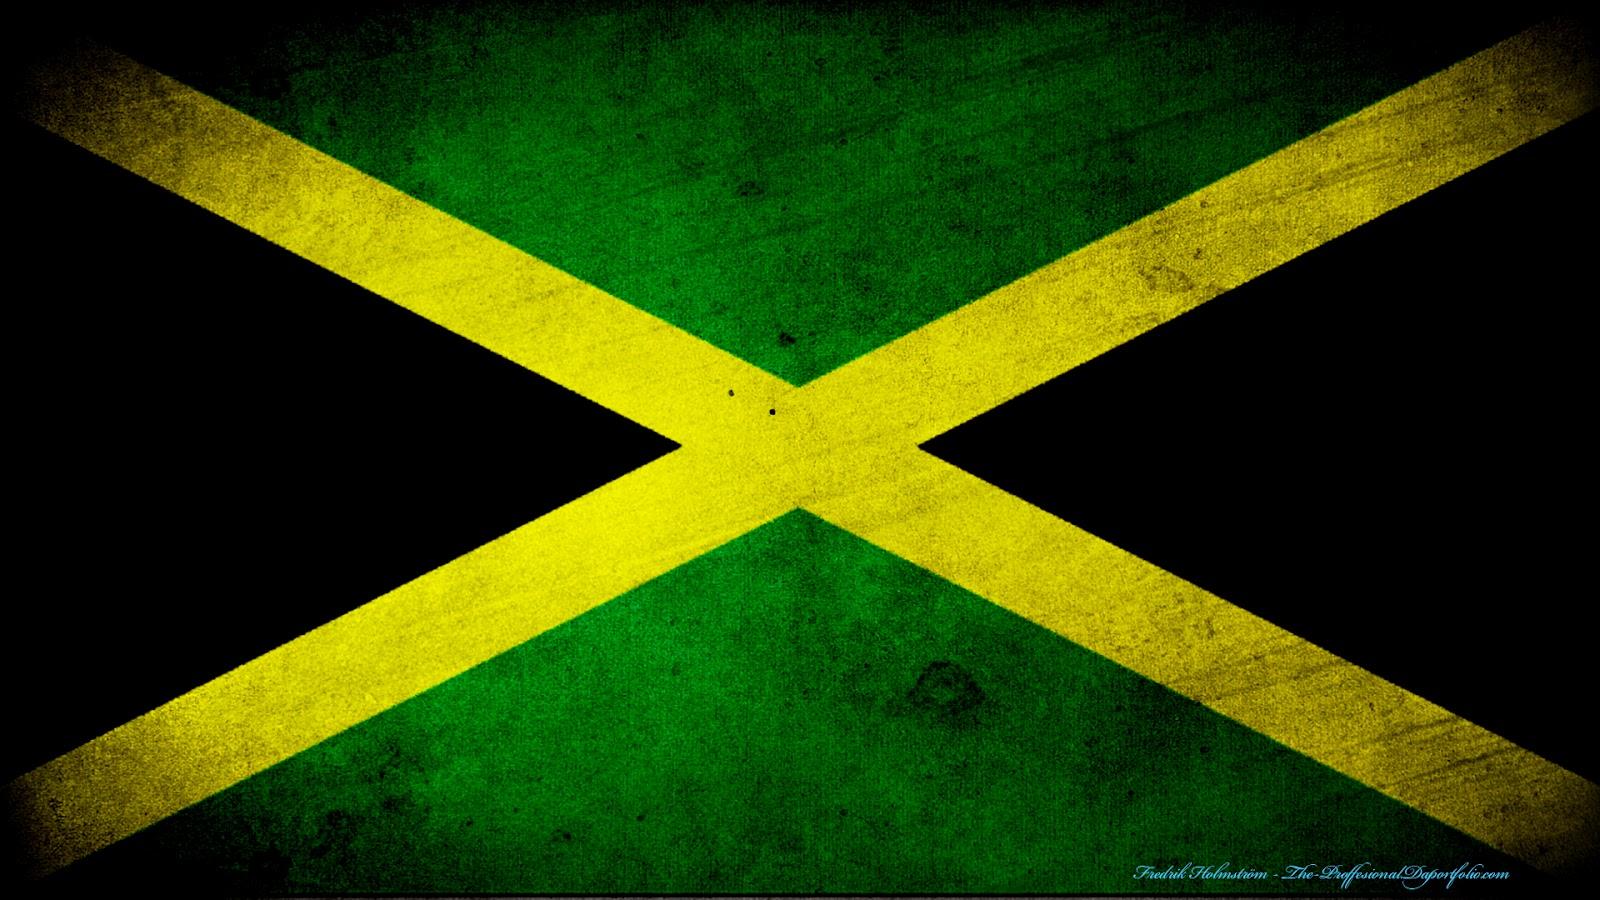 http://1.bp.blogspot.com/-rxw-7L5MhXg/T_P_VZMW3RI/AAAAAAAADYc/H6klr-89TNo/s1600/Jamaica_flag_grunge_wallpaper_by_The_proffesional.jpg